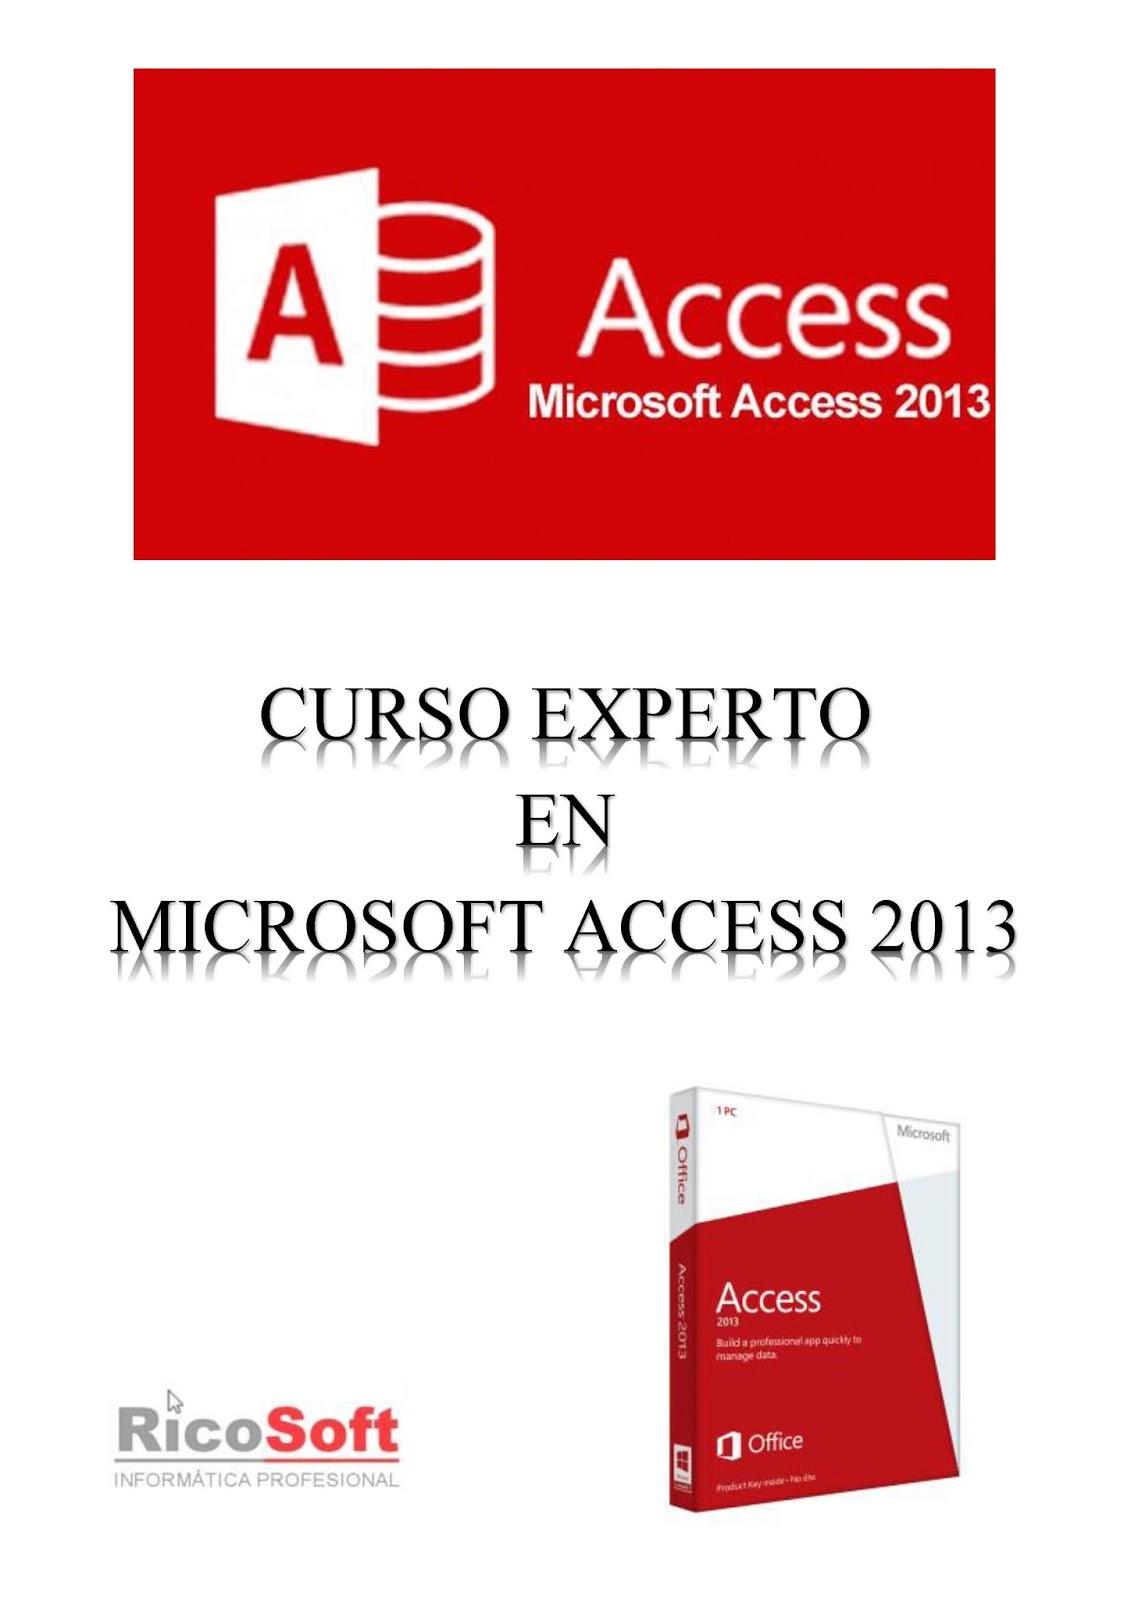 Curso Experto en Microsoft Access 2013 – Aulaclic